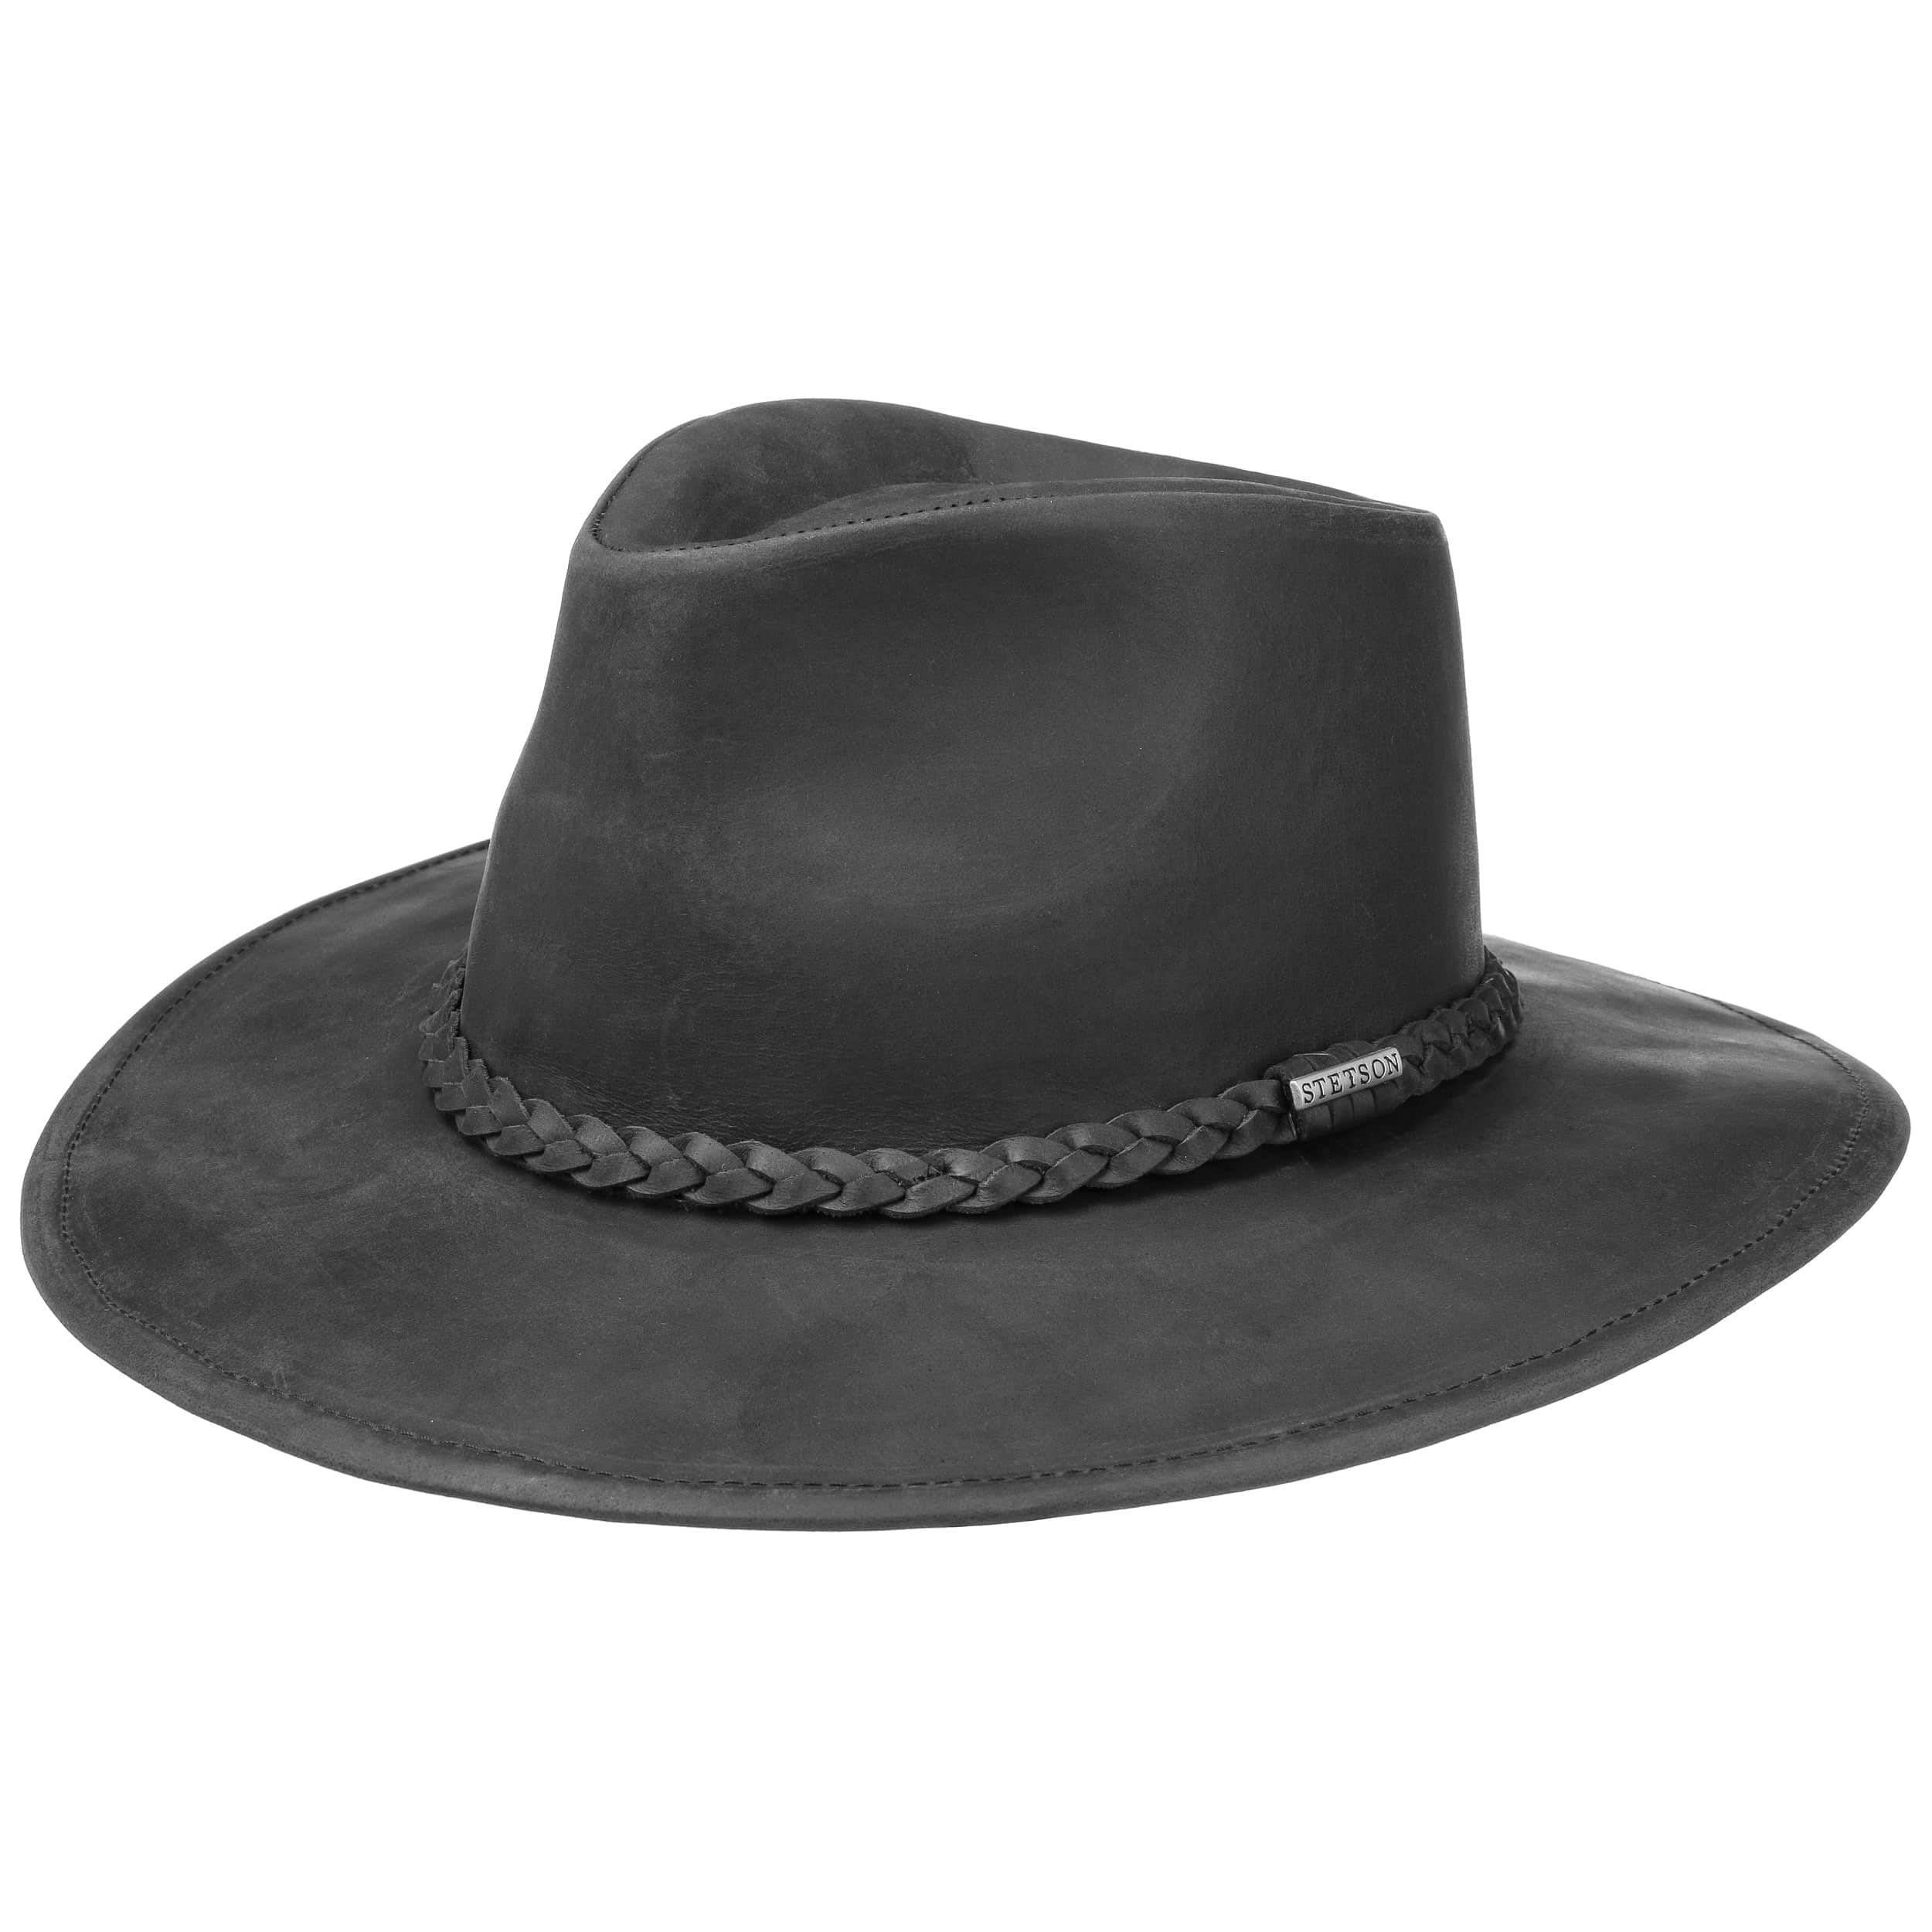 Forma rigido Western Cowboy Cappello larghezza tesa Nero Marrone S-XL